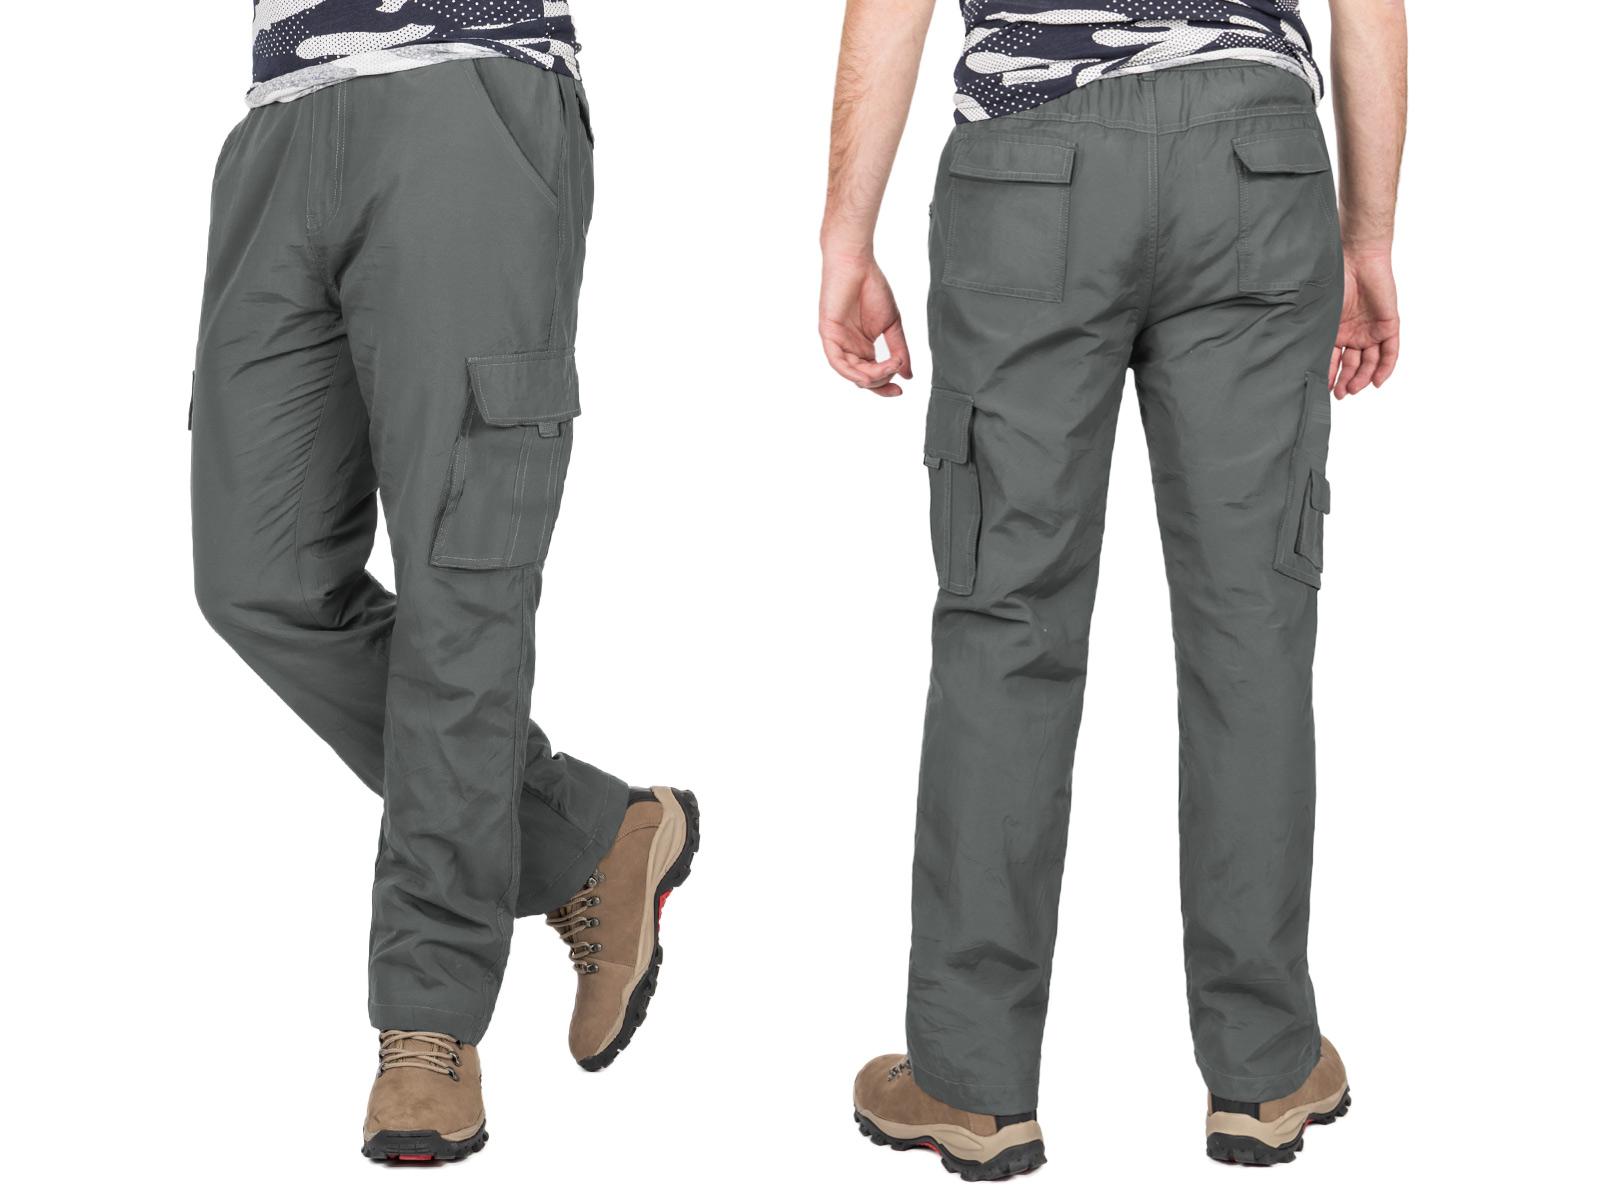 0ccbe2681 Spodnie Bojówki Trekkingowe Męskie 3650 r M popiel 7277260542 - Allegro.pl